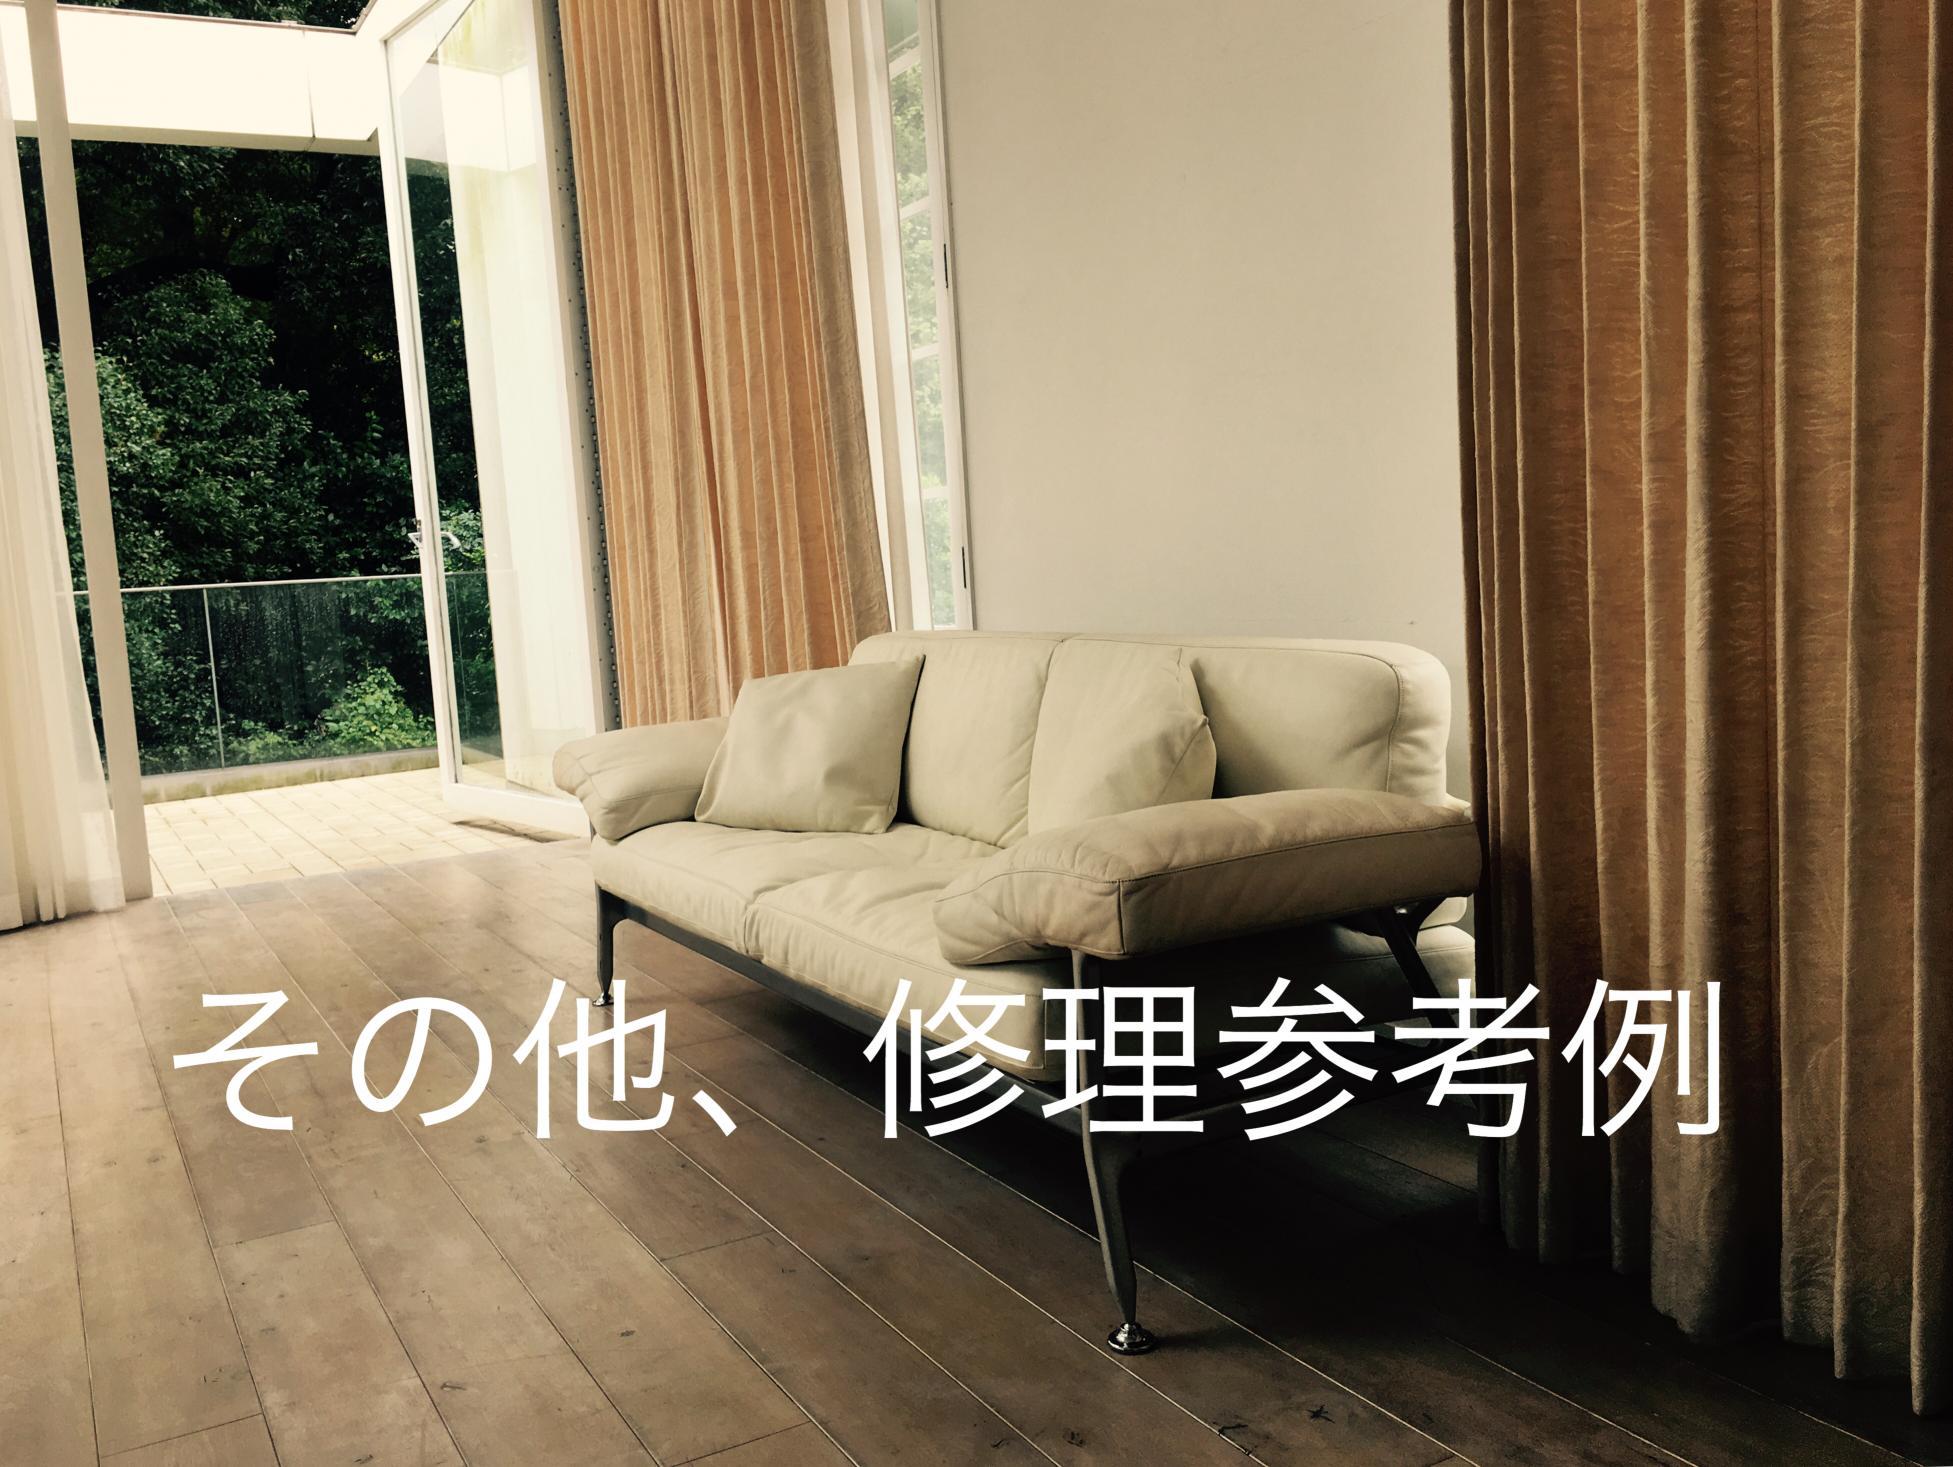 その他、本革ソファ・椅子の修理・補修・リペア参考例